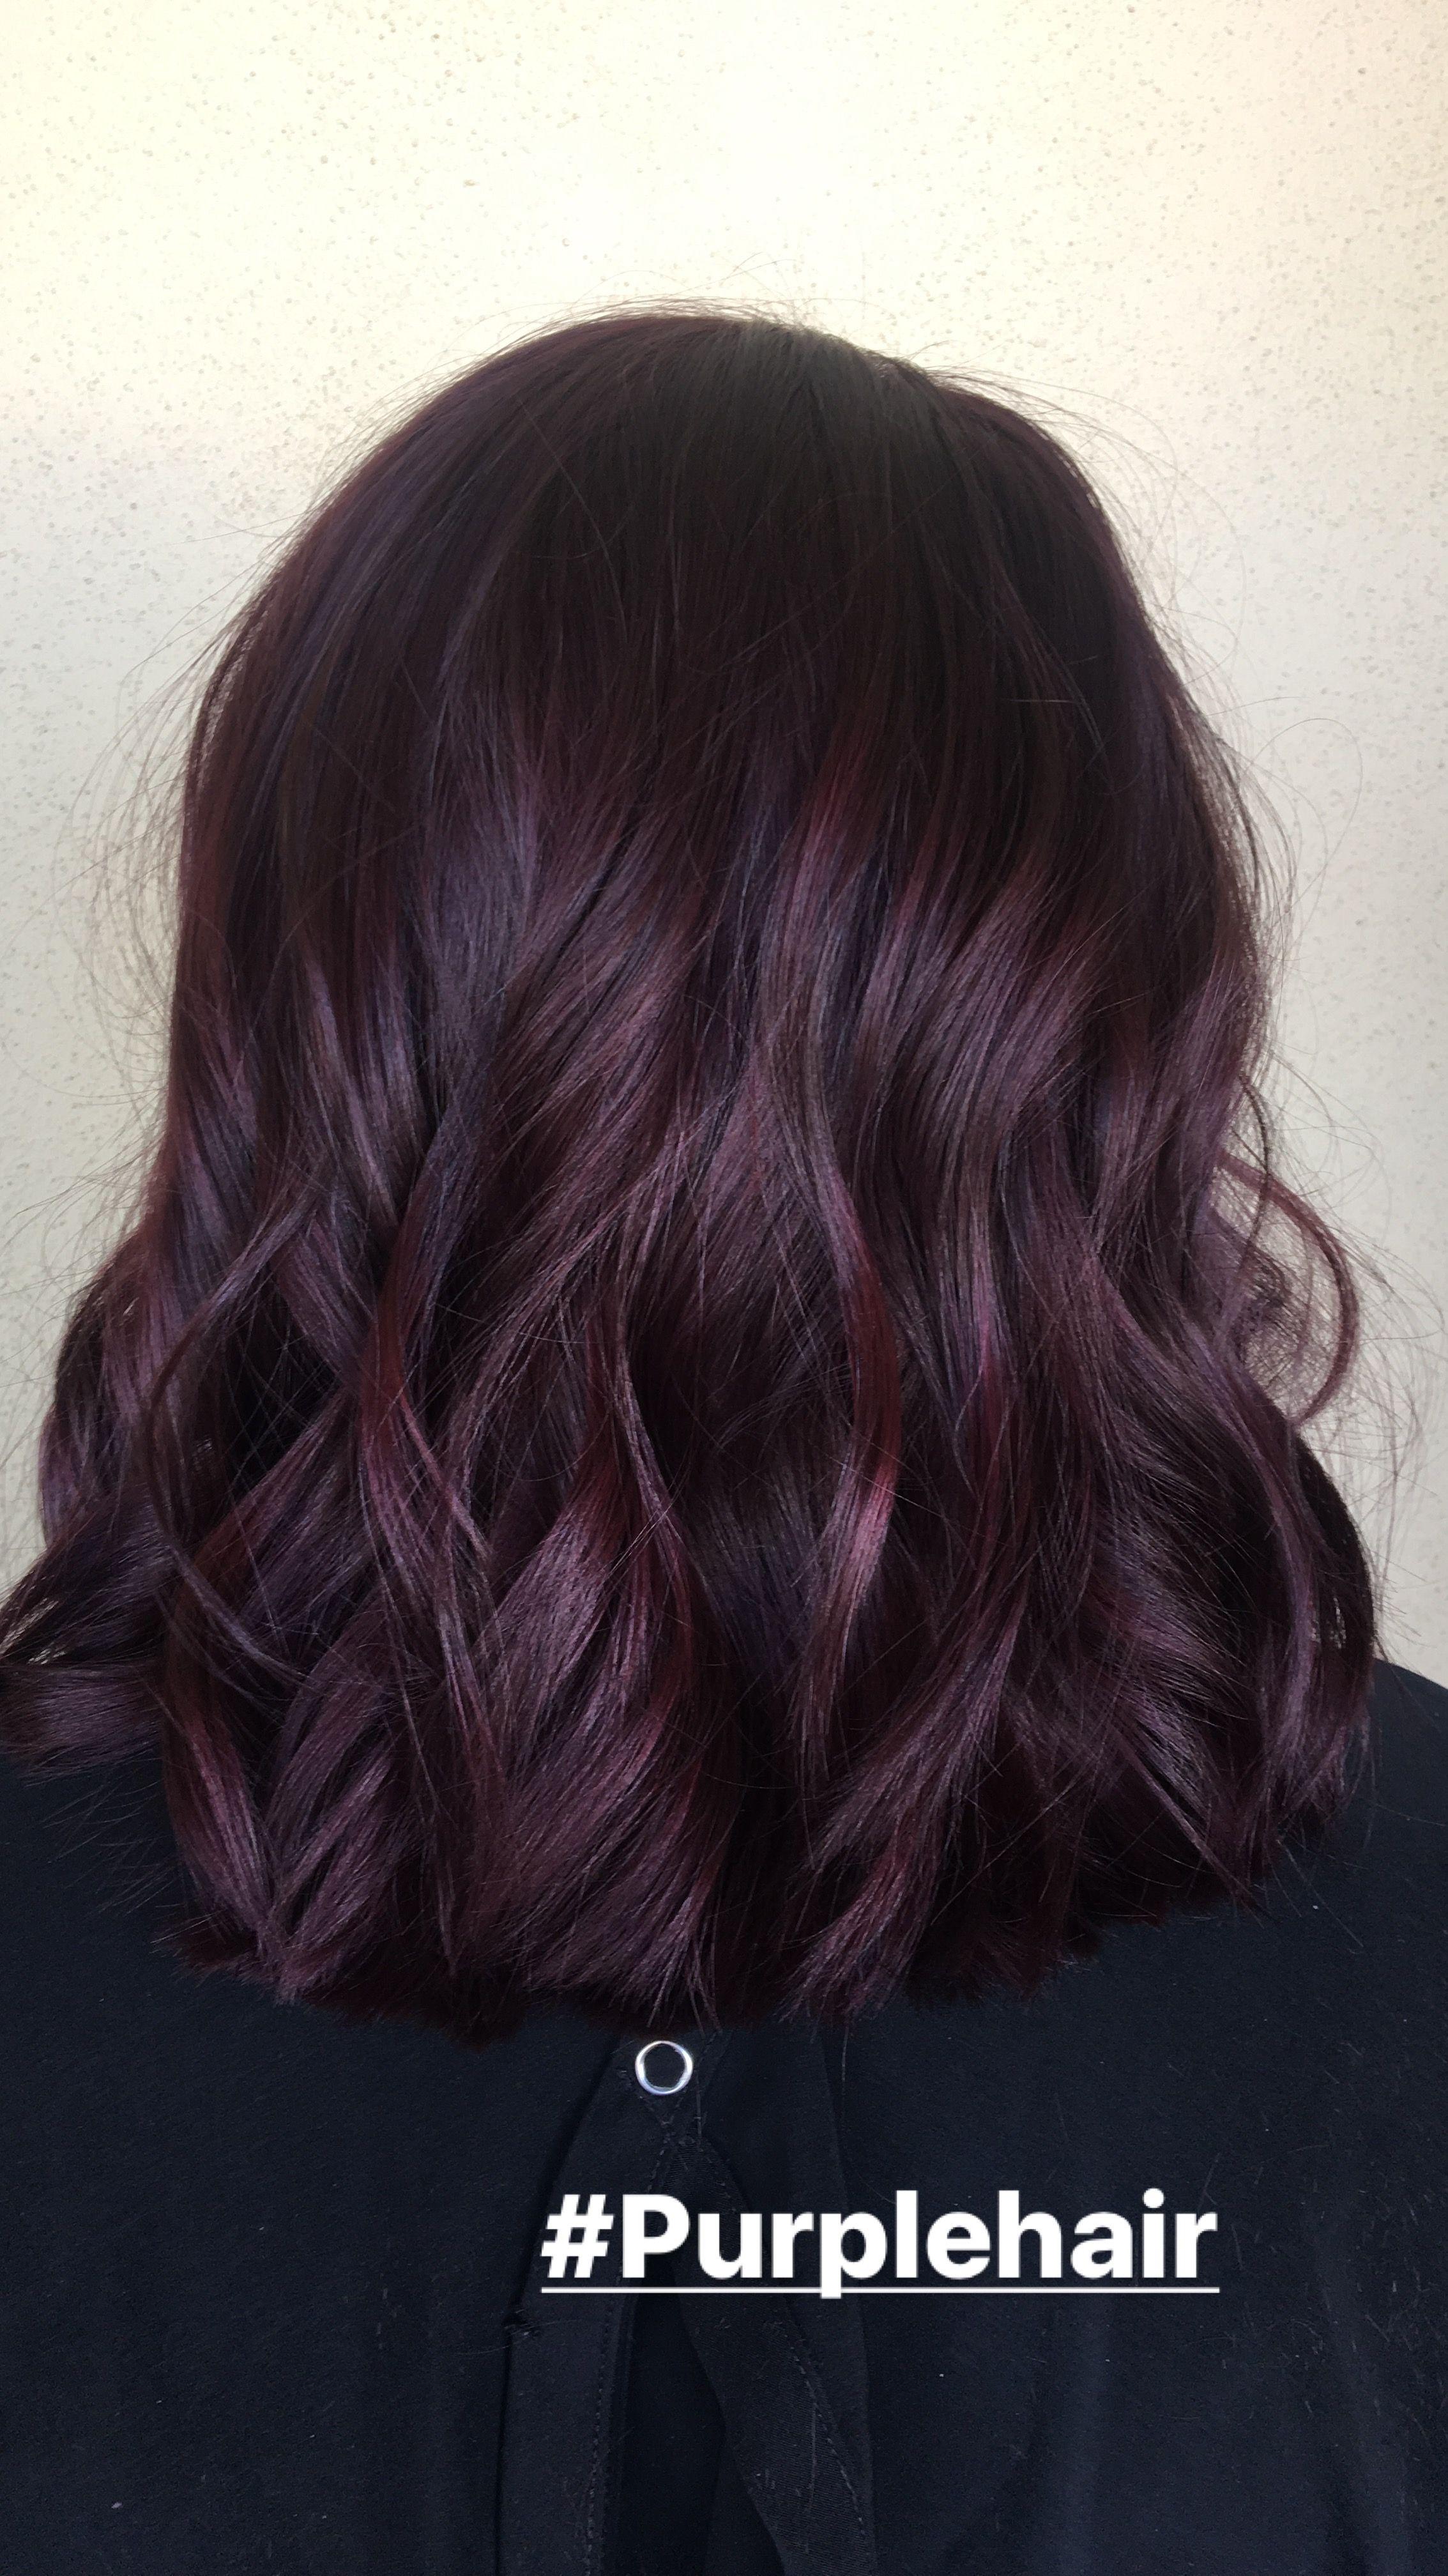 Perfect Dark Purple Hair Color Done By Alexaa3 At Habitsalon ヘアカラー おしゃれ 髪型 ヘアカラー パープル